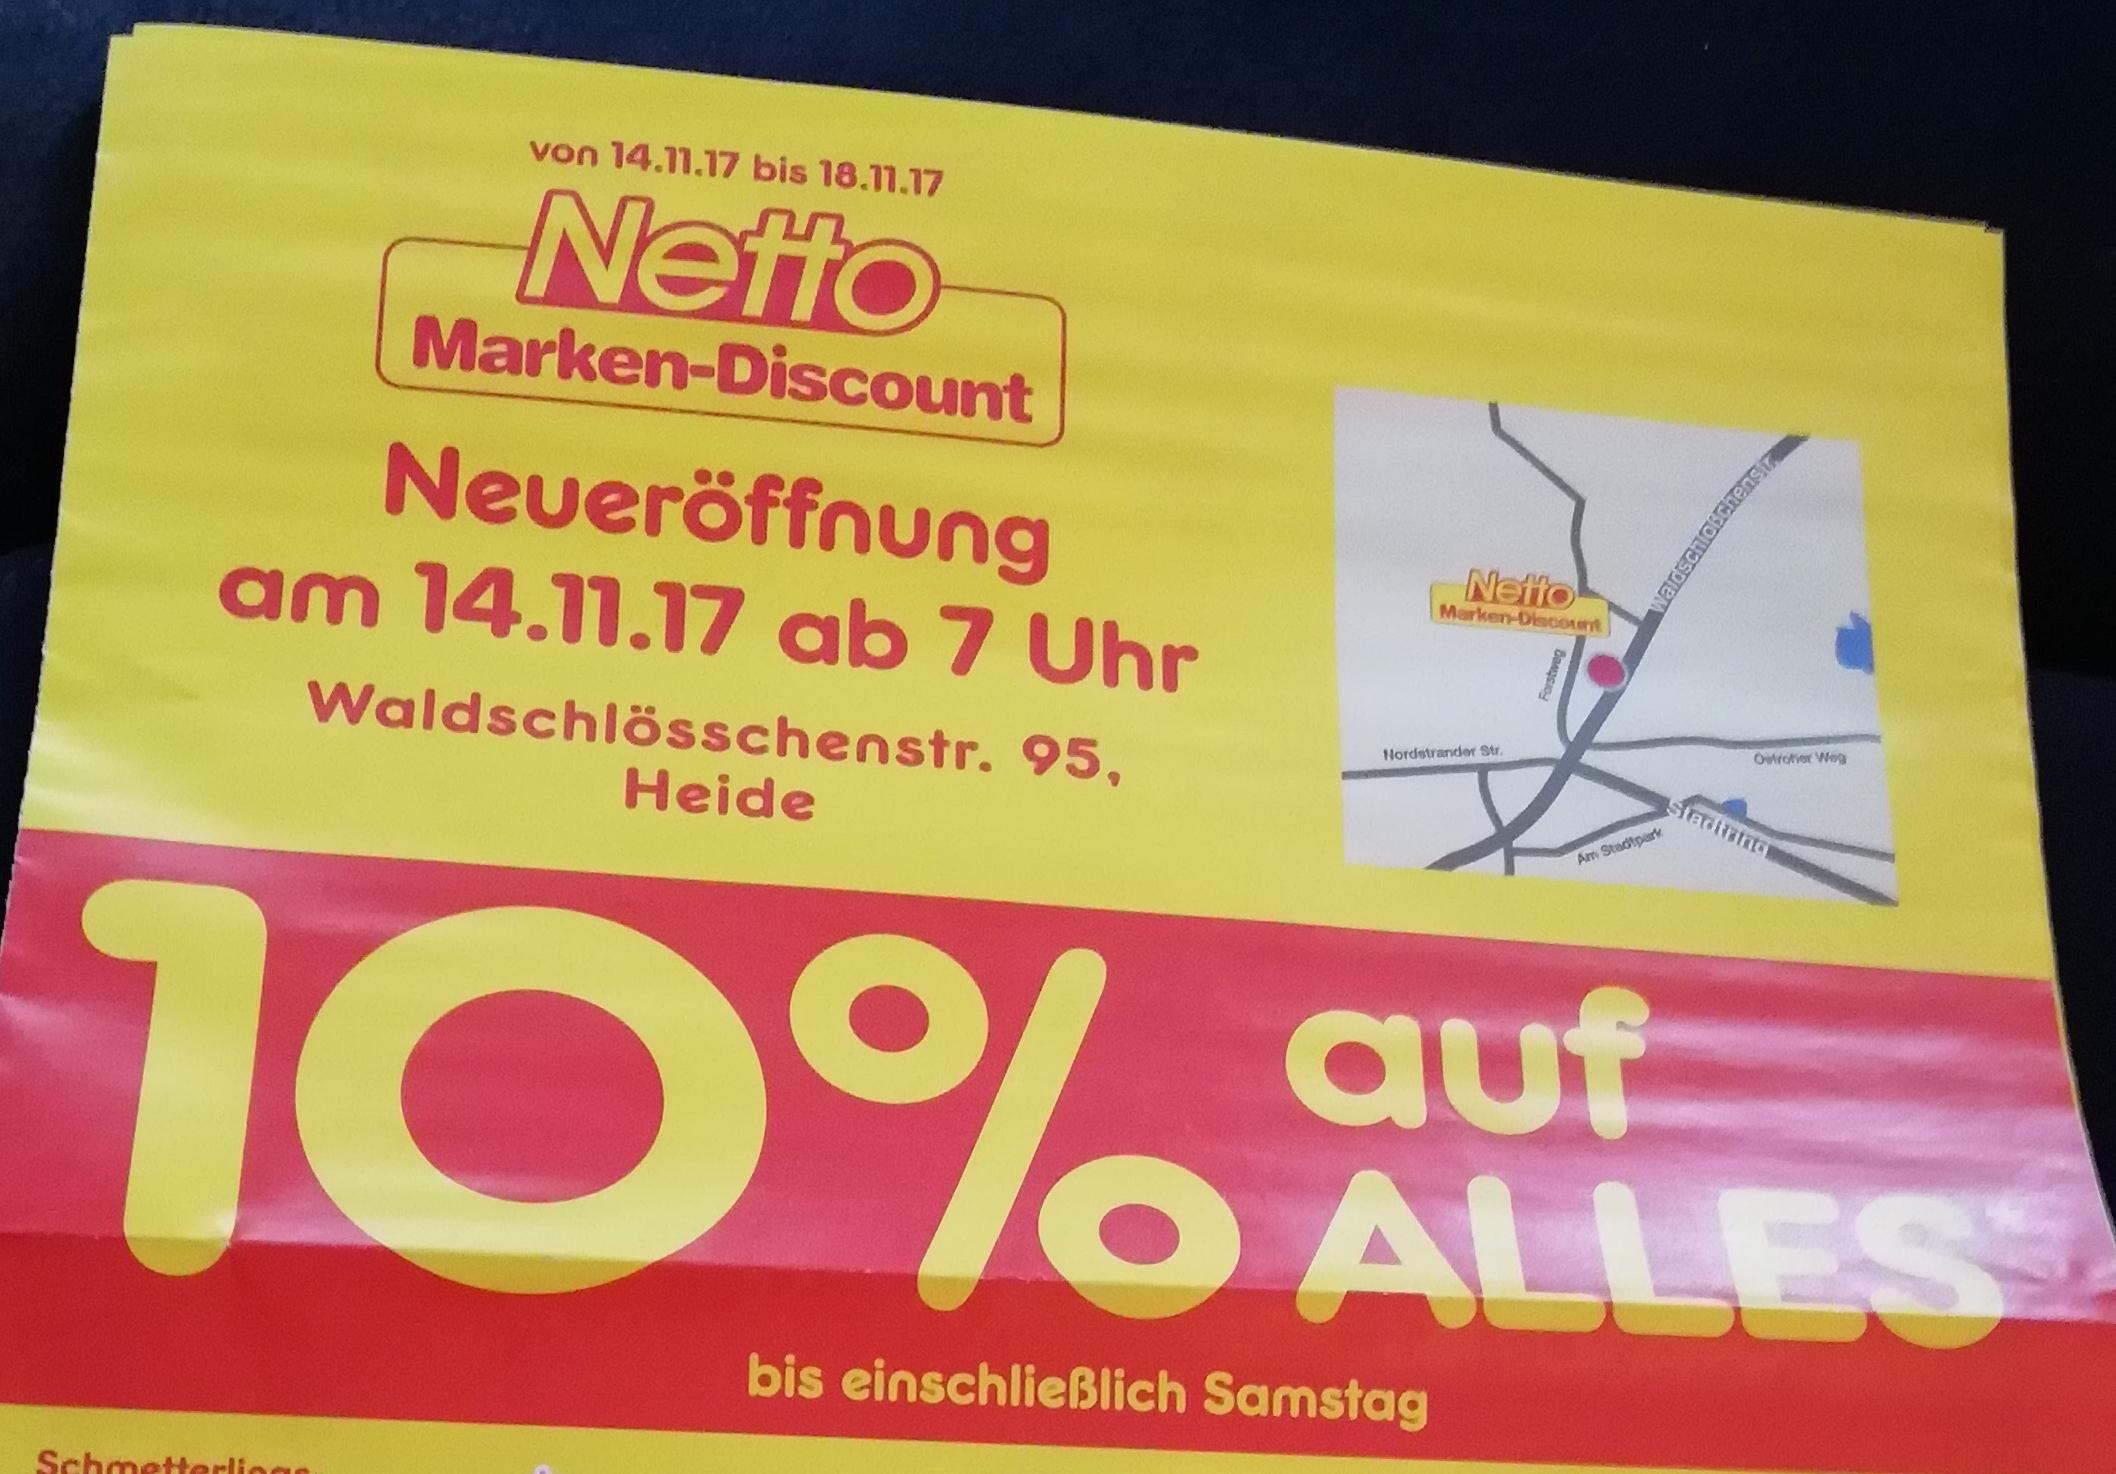 [Lokal: Heide] Netto MD: 10% auf fast alles von 14.11. - 18.11. / Bananen 0,80€ pro KG